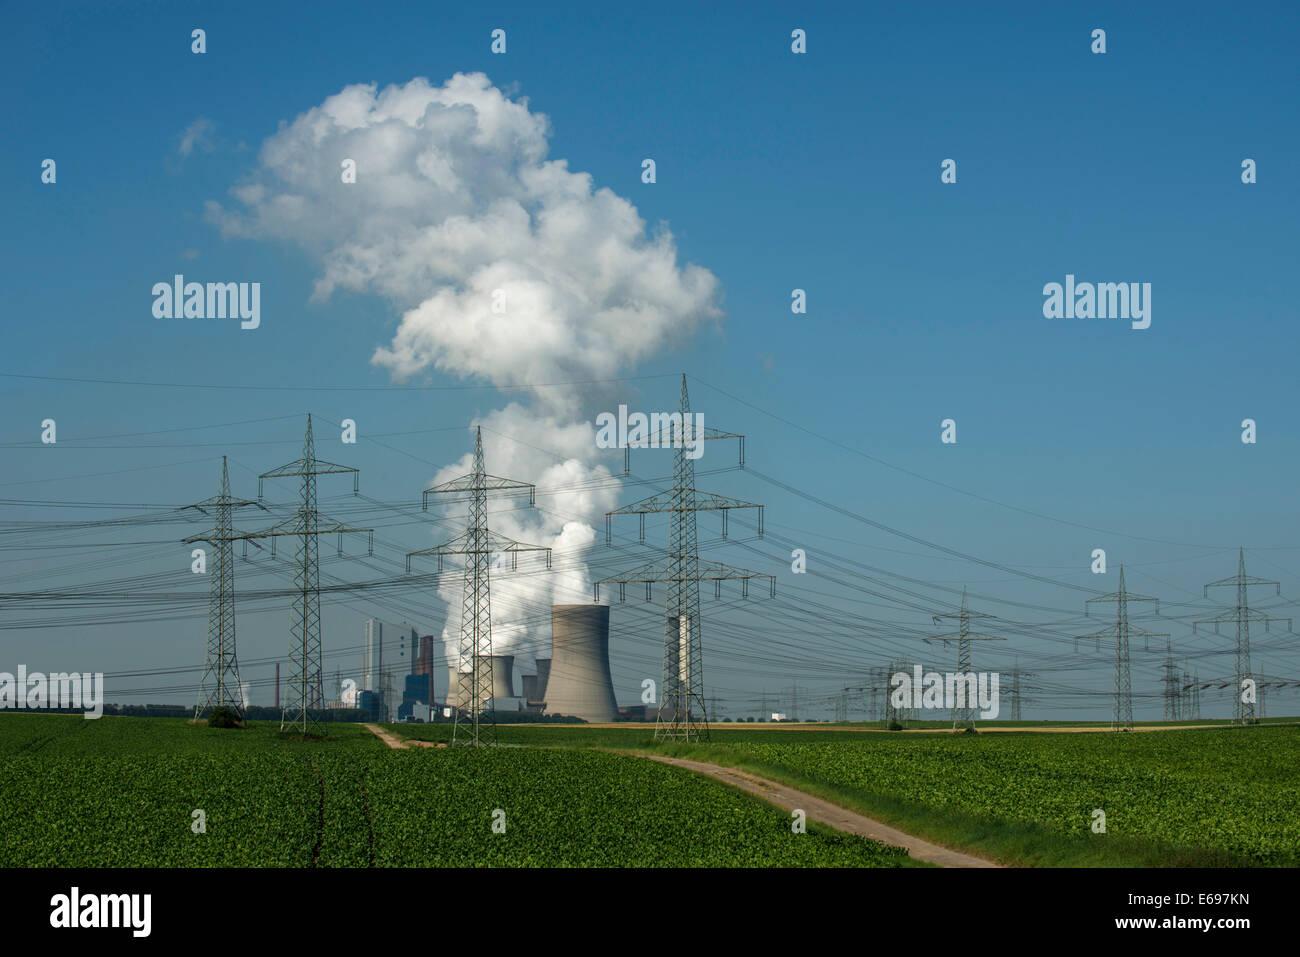 Éco-compatible, avec les terres arables à l'avant, les lignes électriques traversant le paysage, Photo Stock